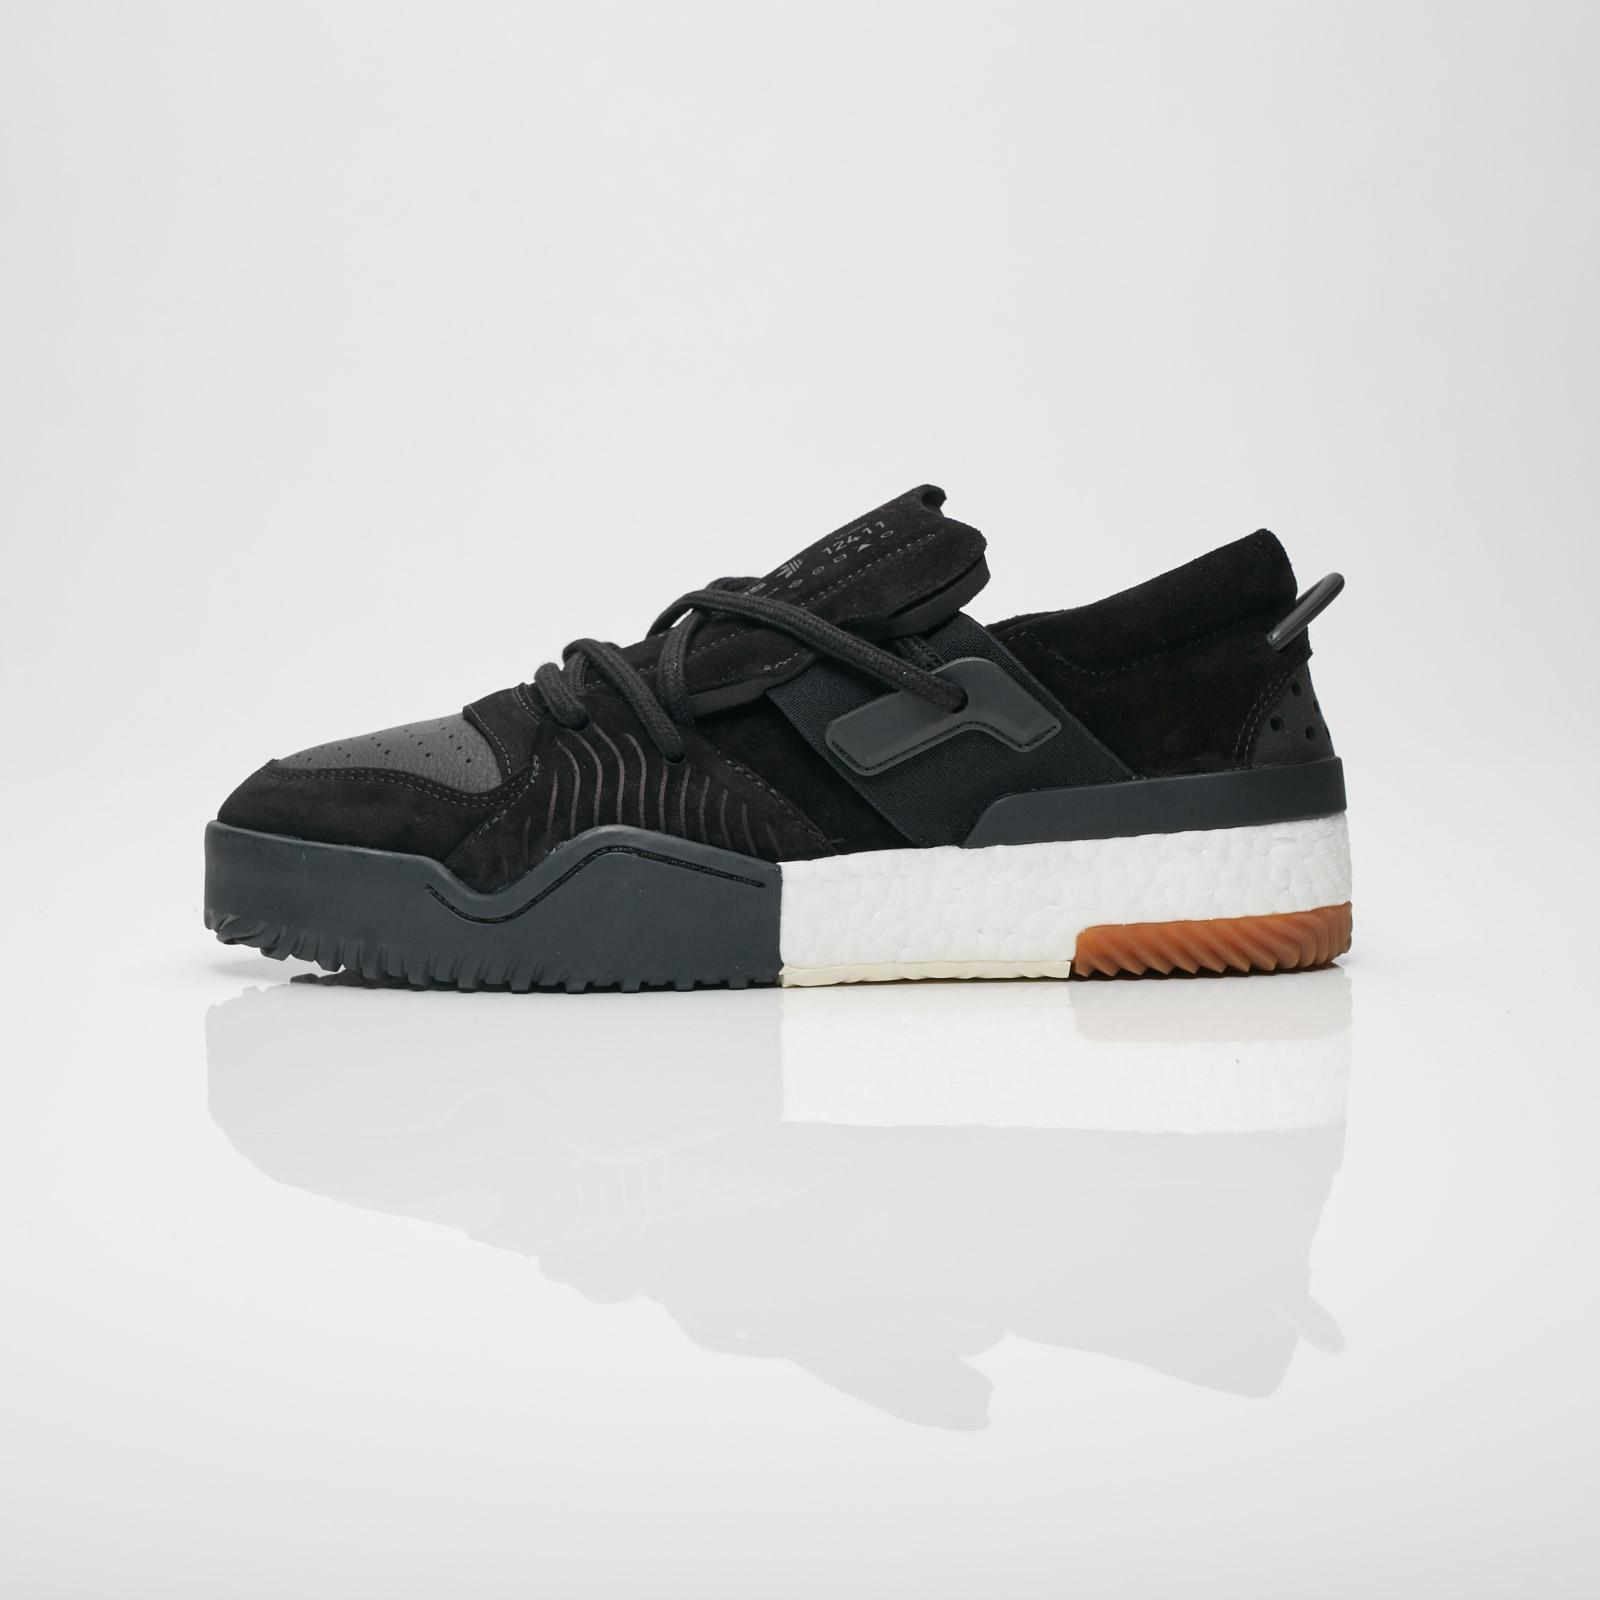 size 40 6cc21 0e81e ... adidas Originals by Alexander Wang Basketball Shoes ...